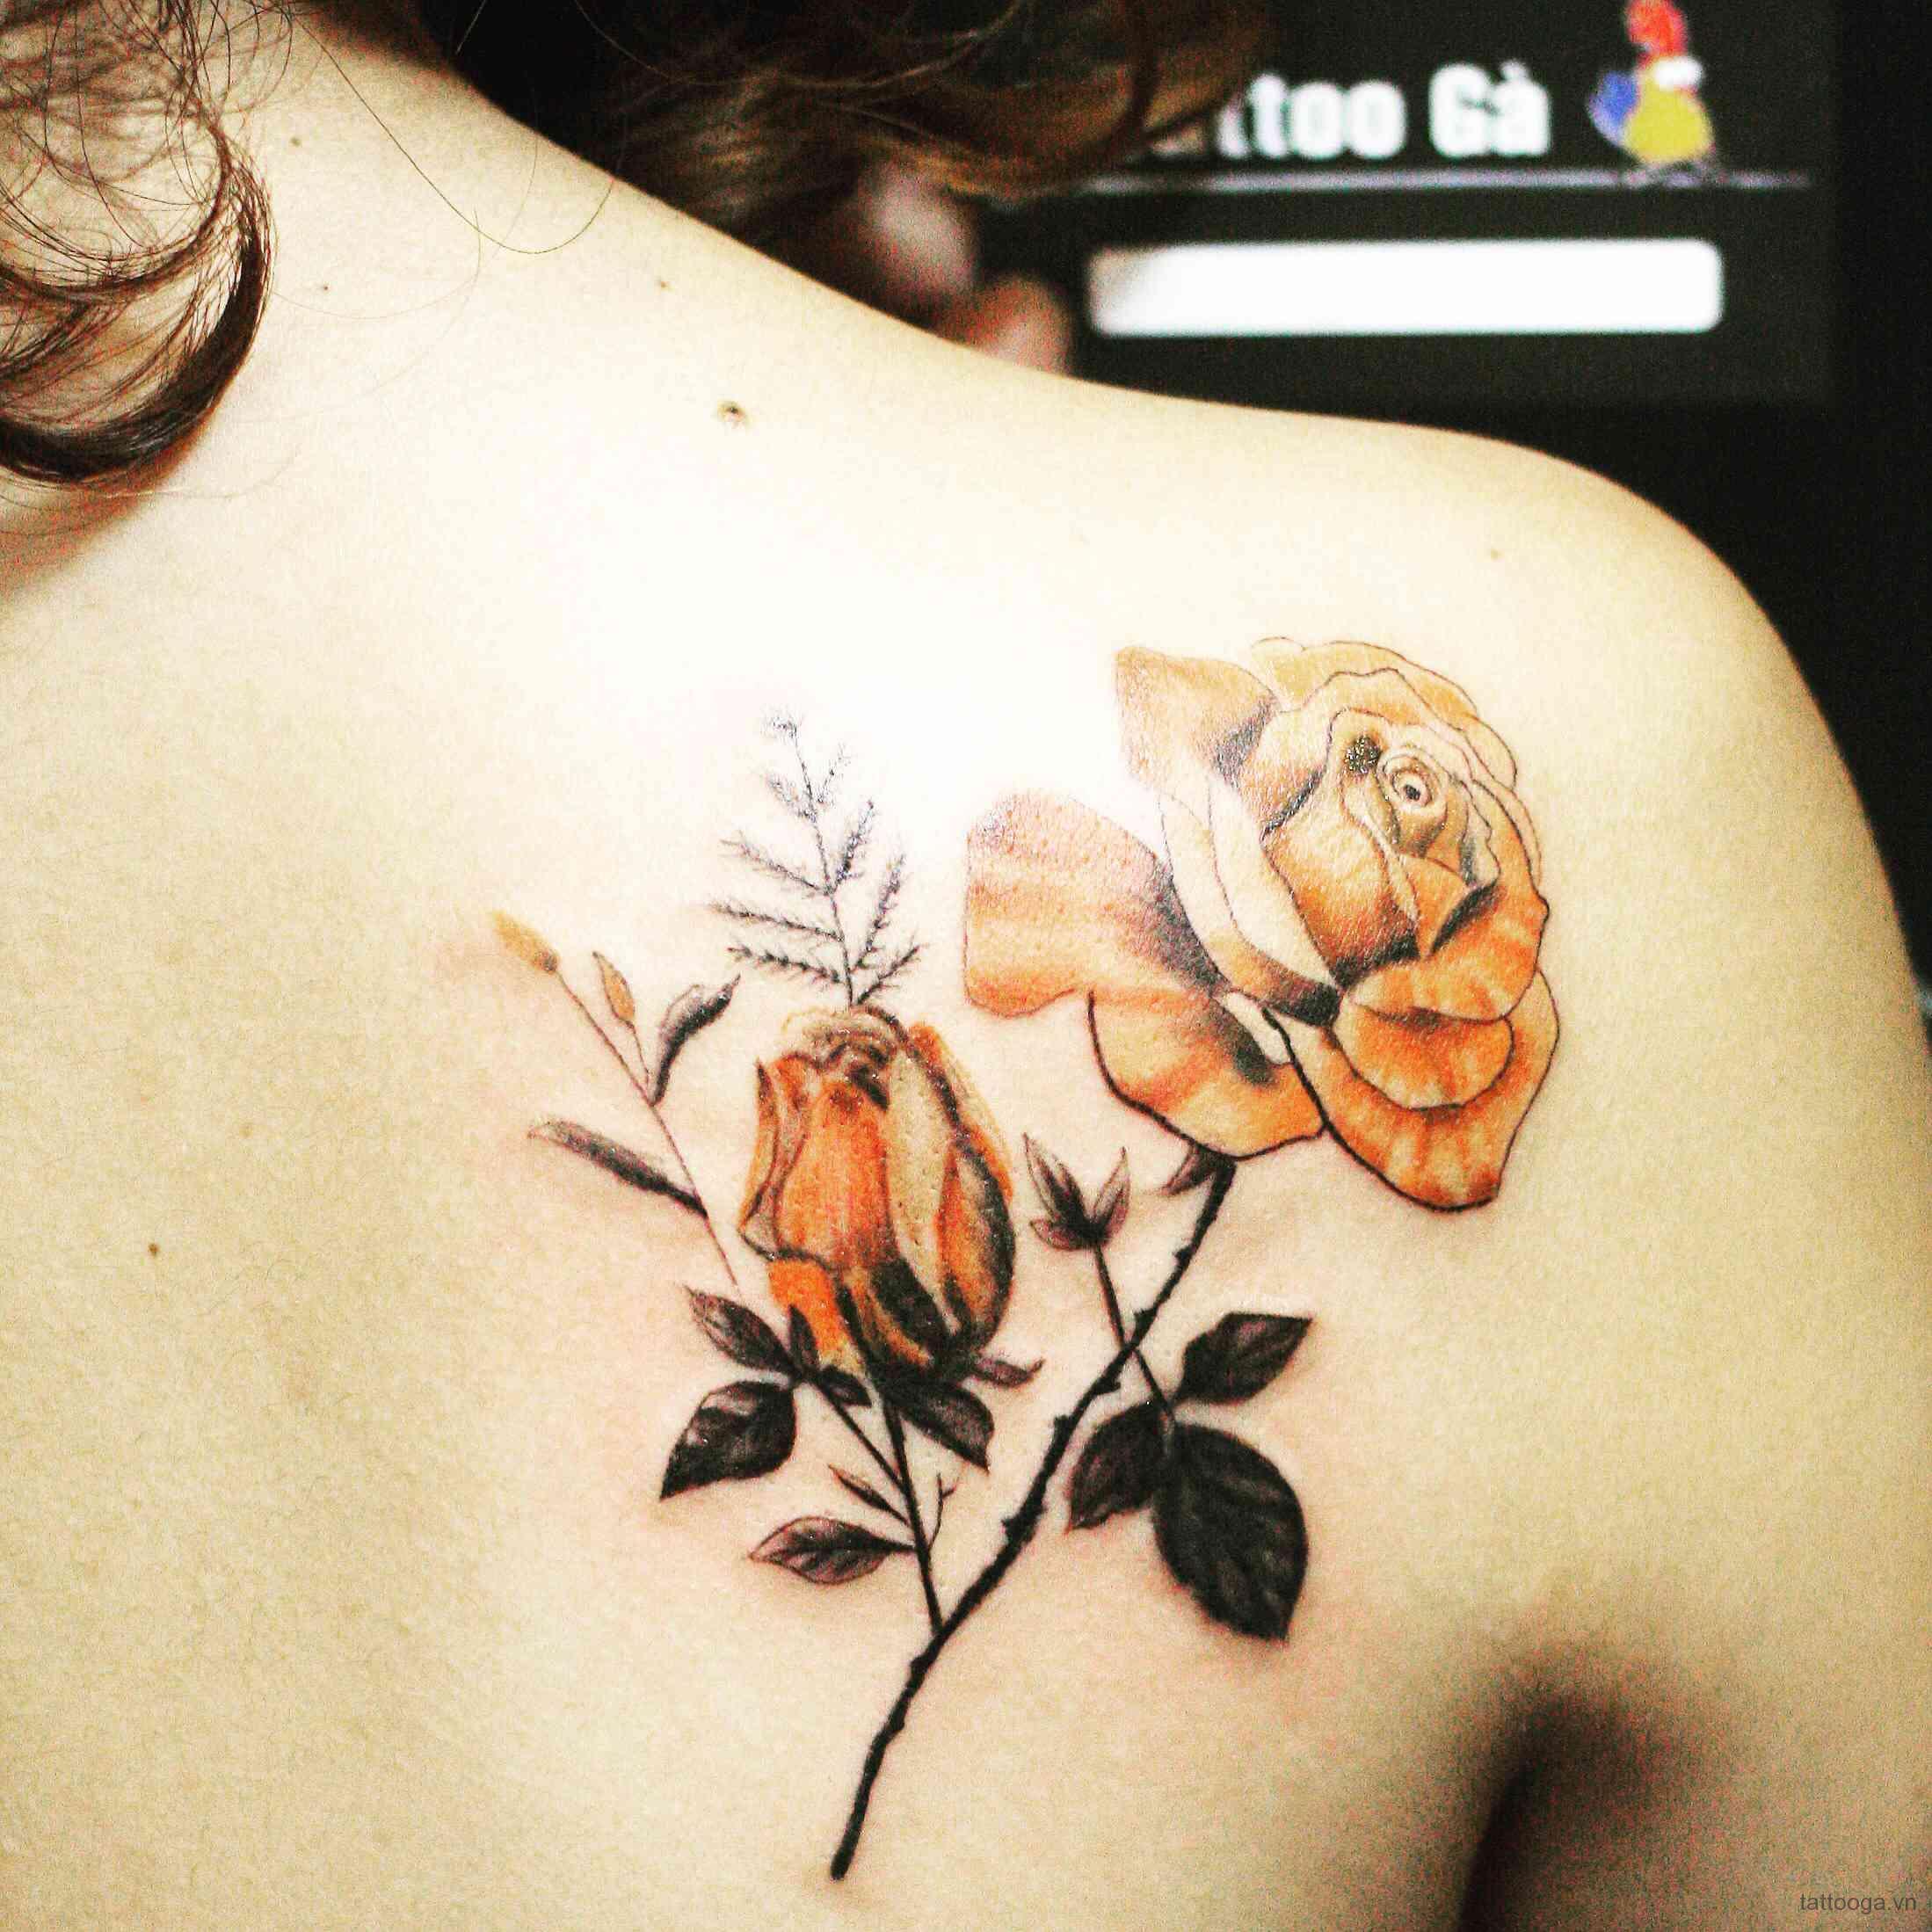 Hình xăm hoa Hồng ở vai đơn giản nhất dành cho nữ